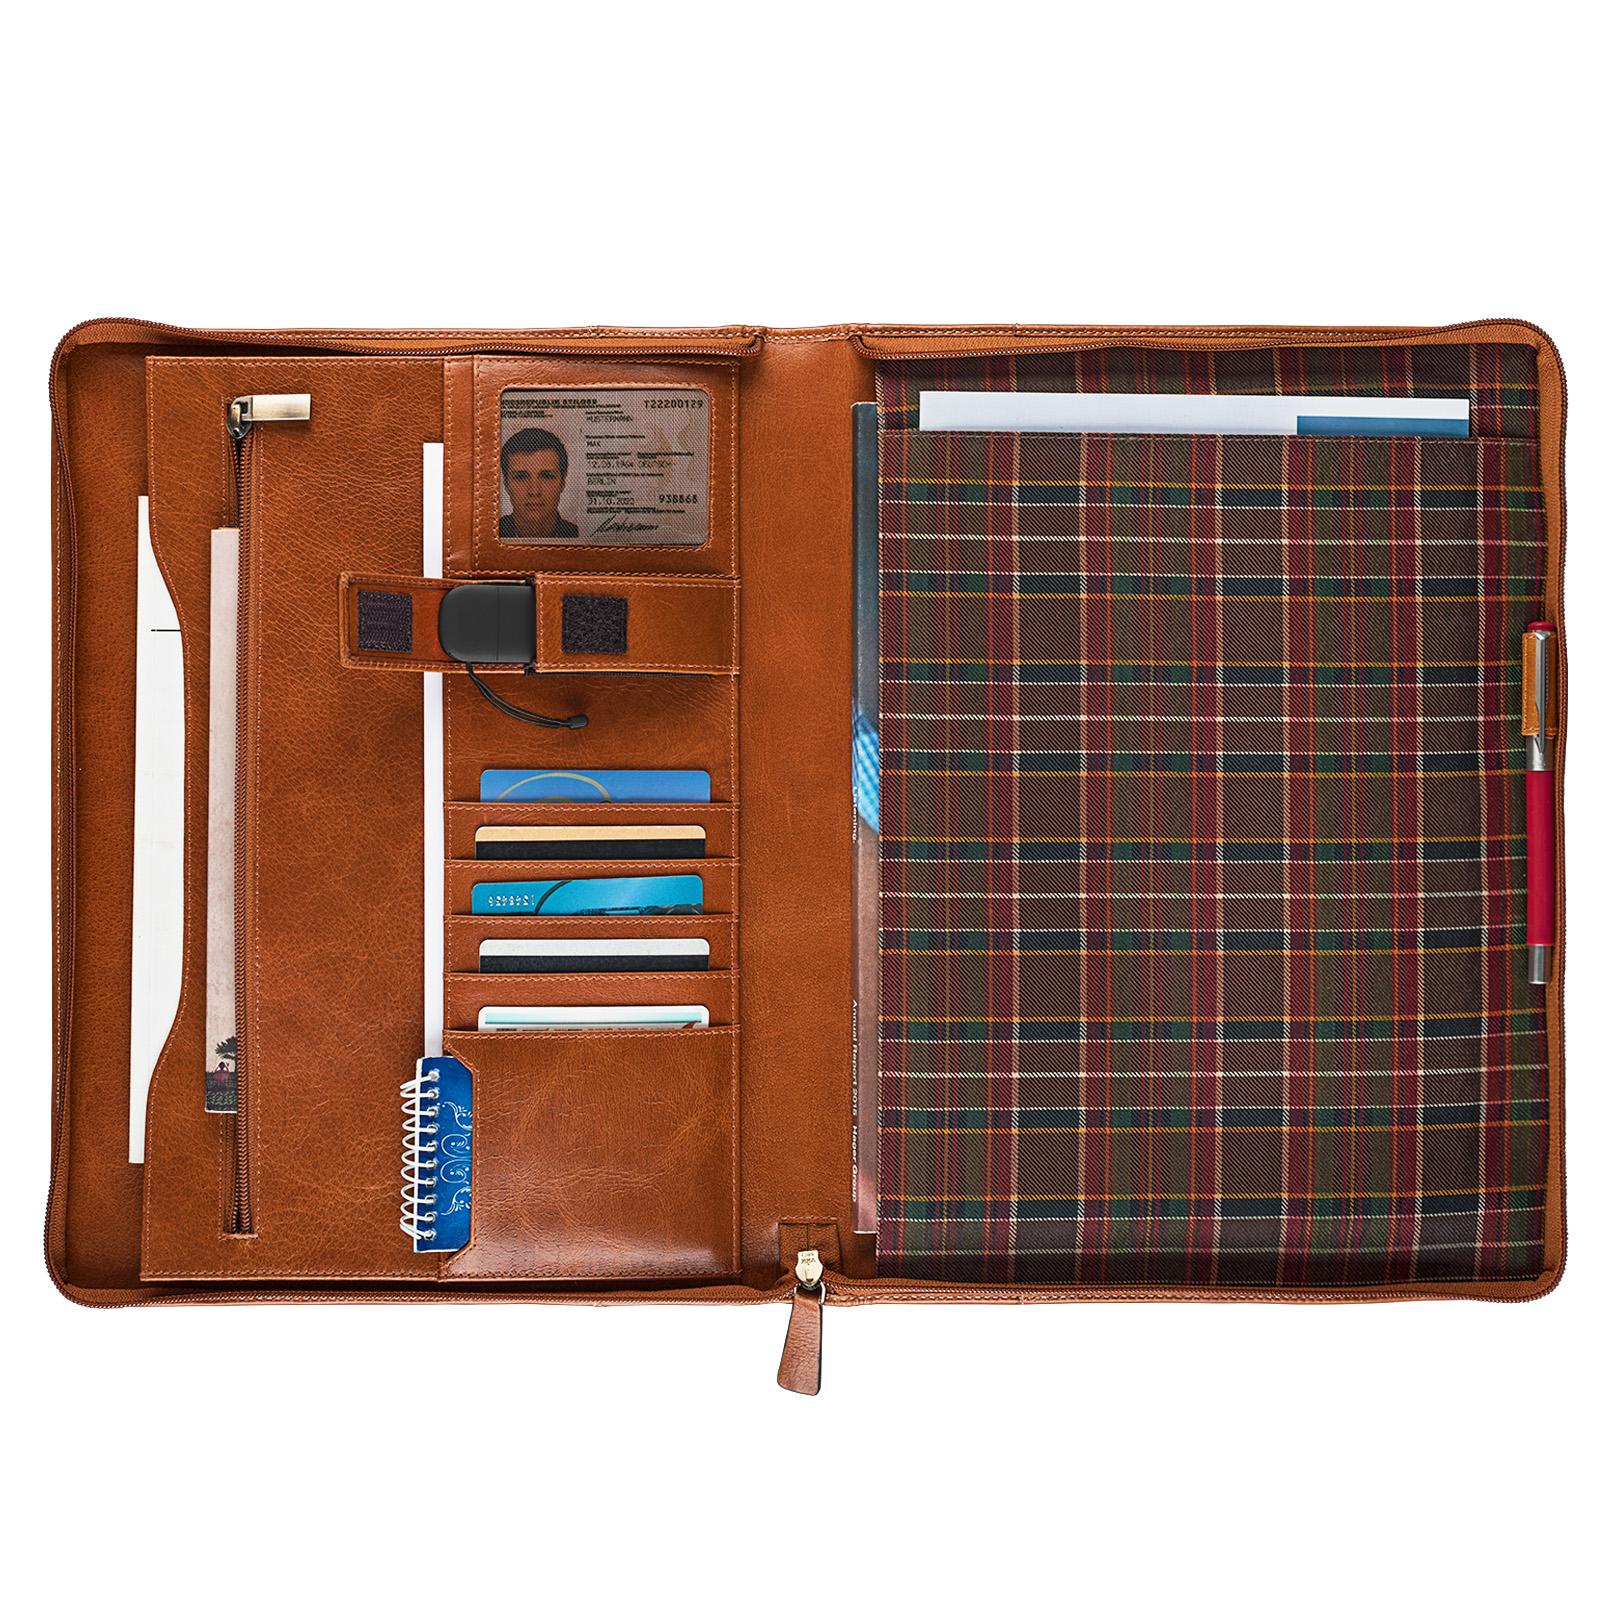 """STILORD """"Justus"""" Aktenmappe Leder mit Griff MacBooktasche 13,3 Zoll Schreibmappe Konferenzmappe Aktentasche Dokumentenmappe mit Henkel echtes Leder - Bild 4"""